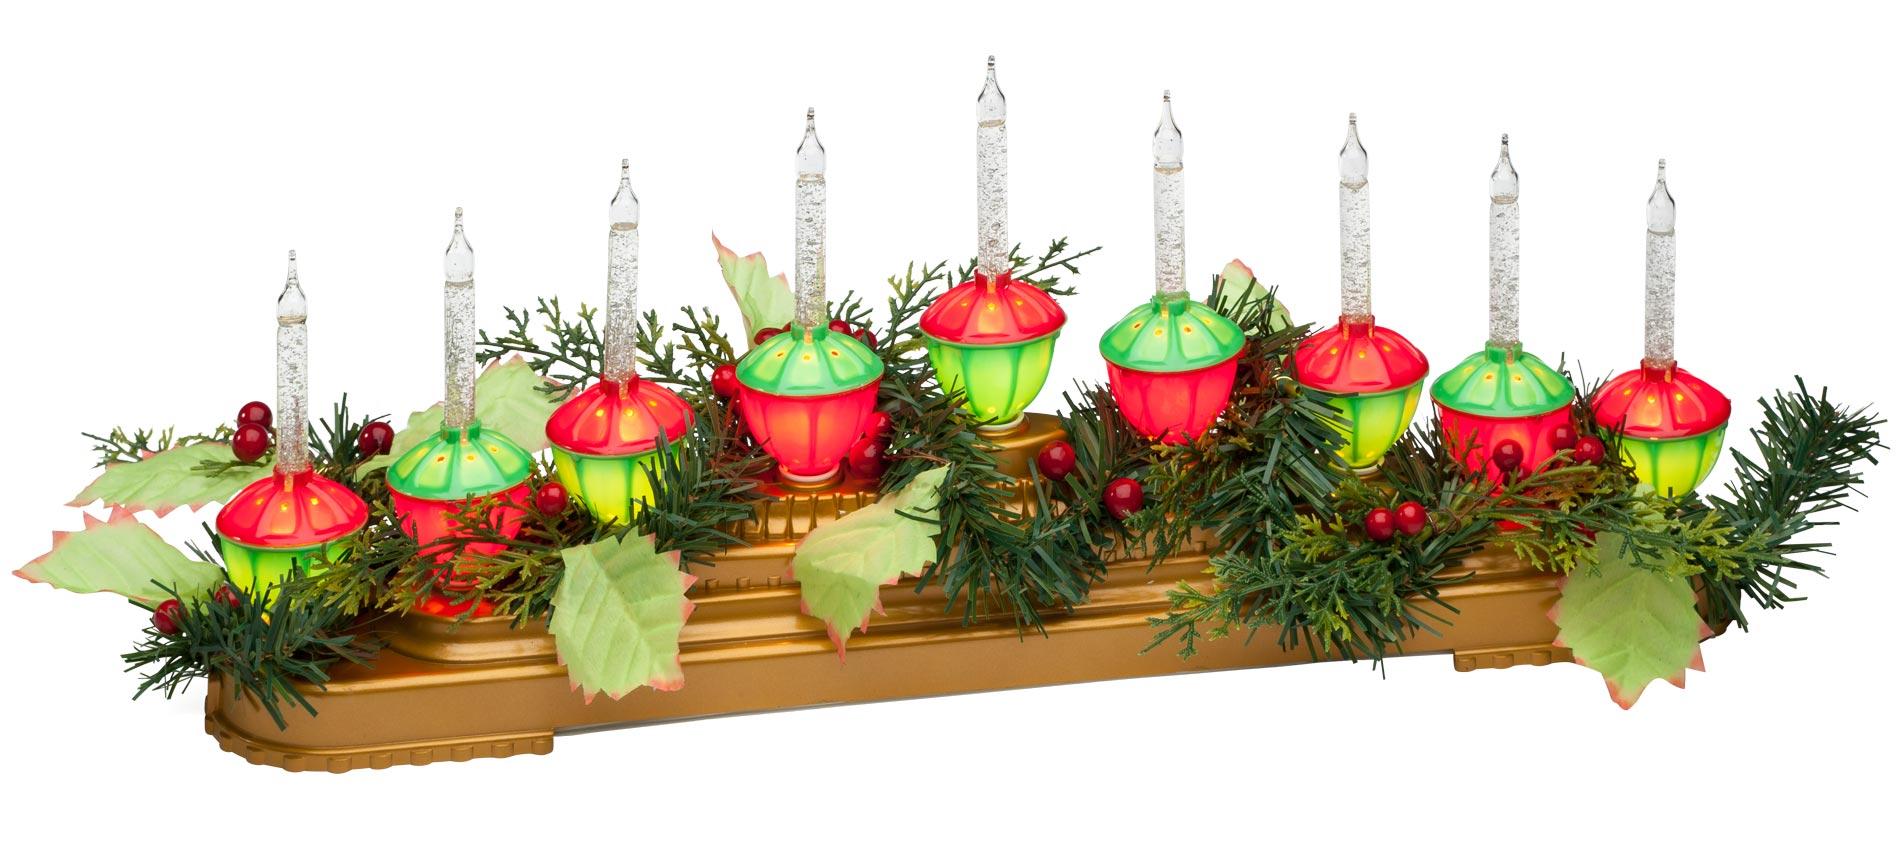 christmas bubble lights christmas tree bubble lights miles kimball - Bubble Lights Christmas Tree